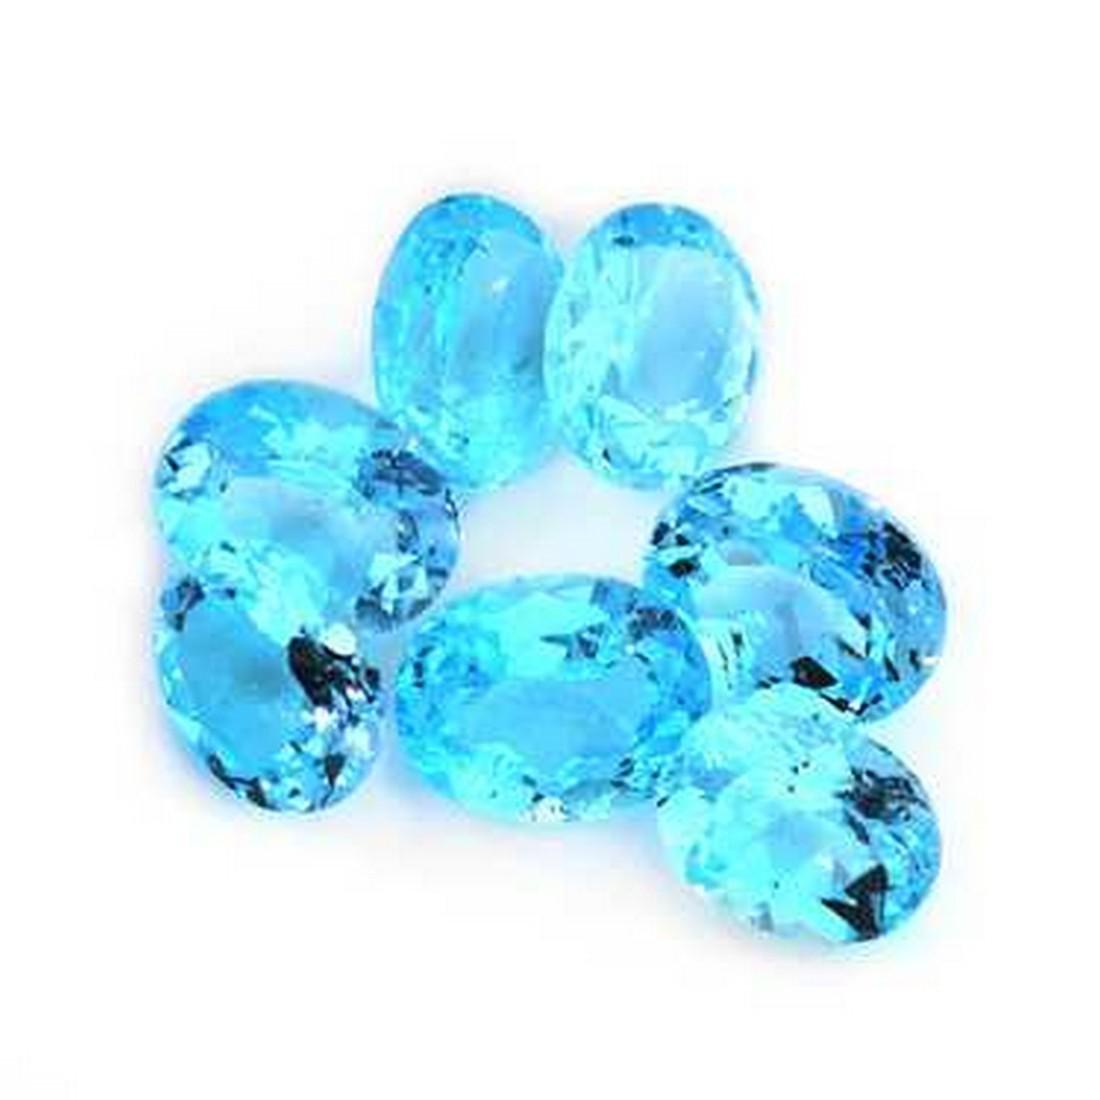 26.24 ct blue topaz parcel - 3